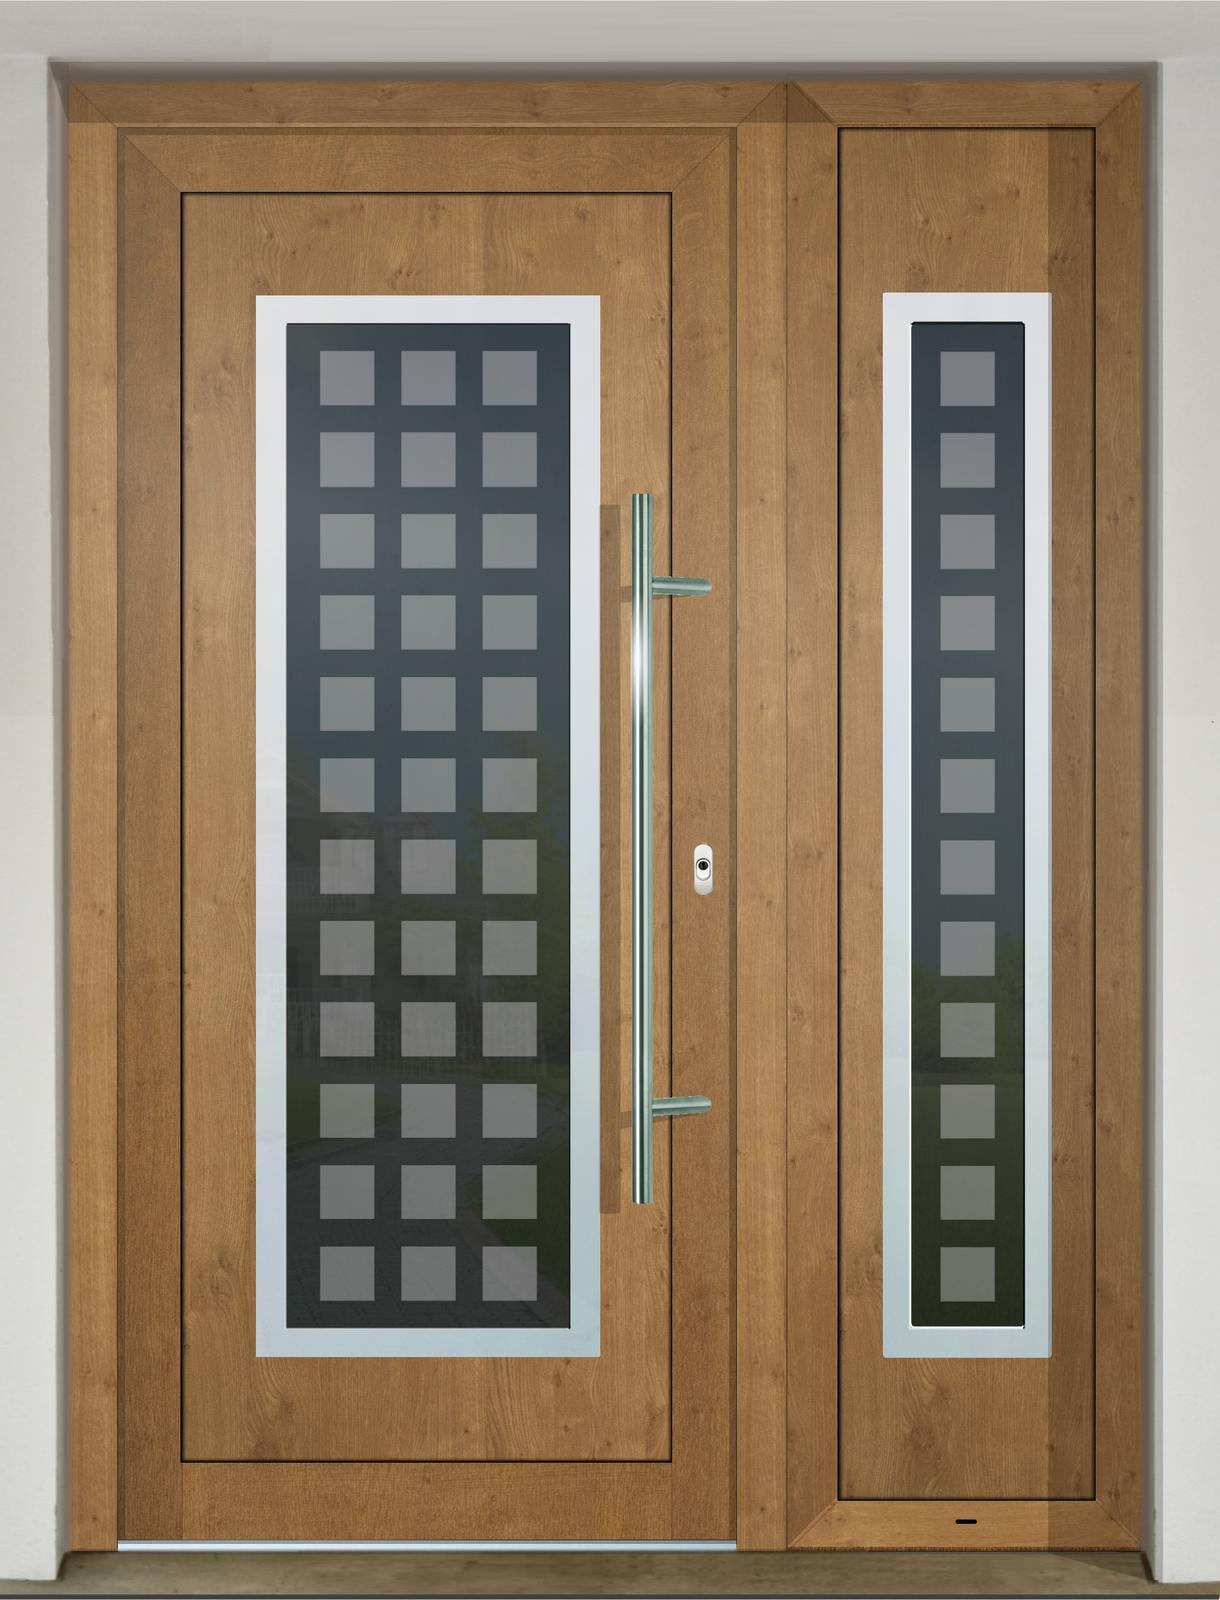 Vchodové dvere GAVA s prísvetlíkom - GAVA 701-2